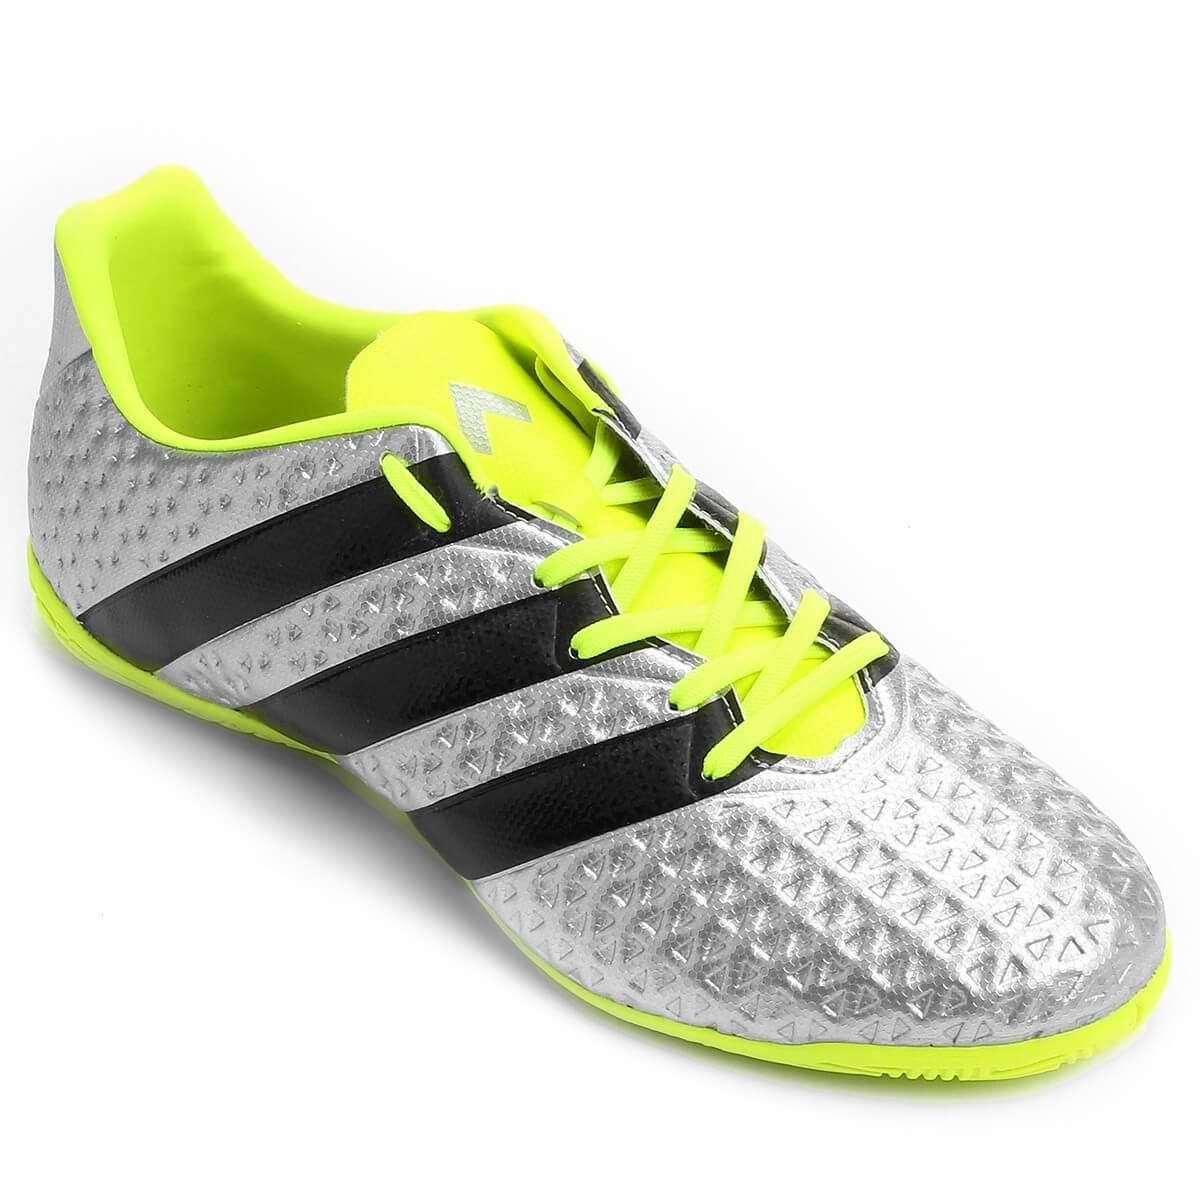 5078d4b7f1 Chuteira Adidas Ace 16.4 IN Indoor Masculina - Decker Online!